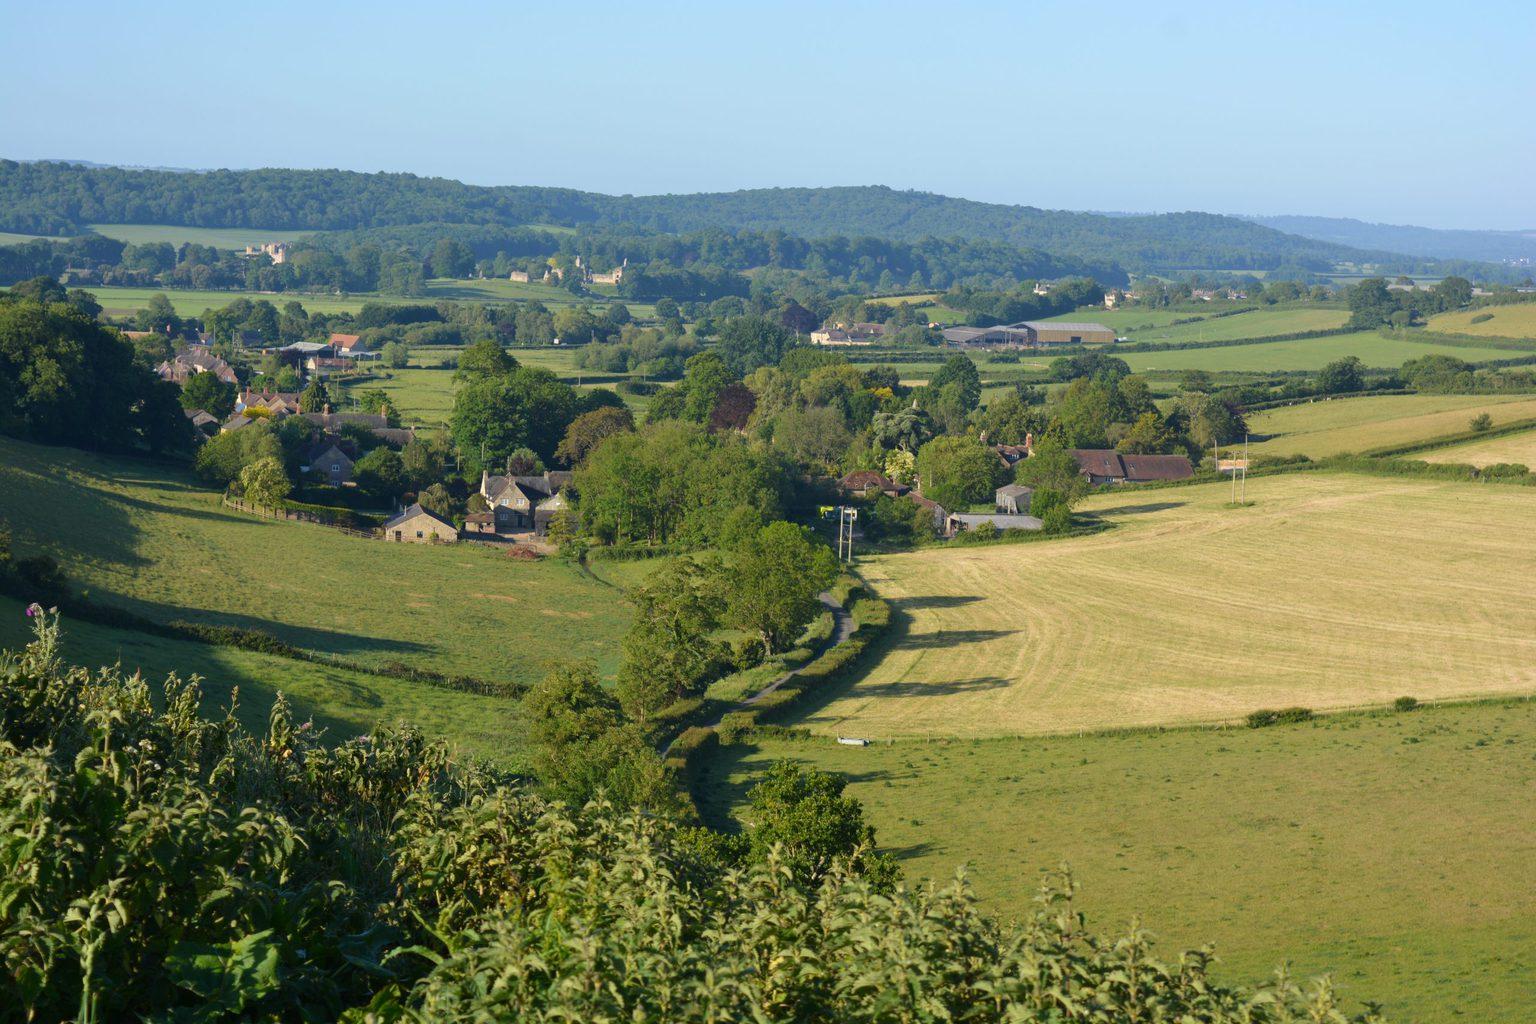 Sherborne landscape and castles in North Dorset